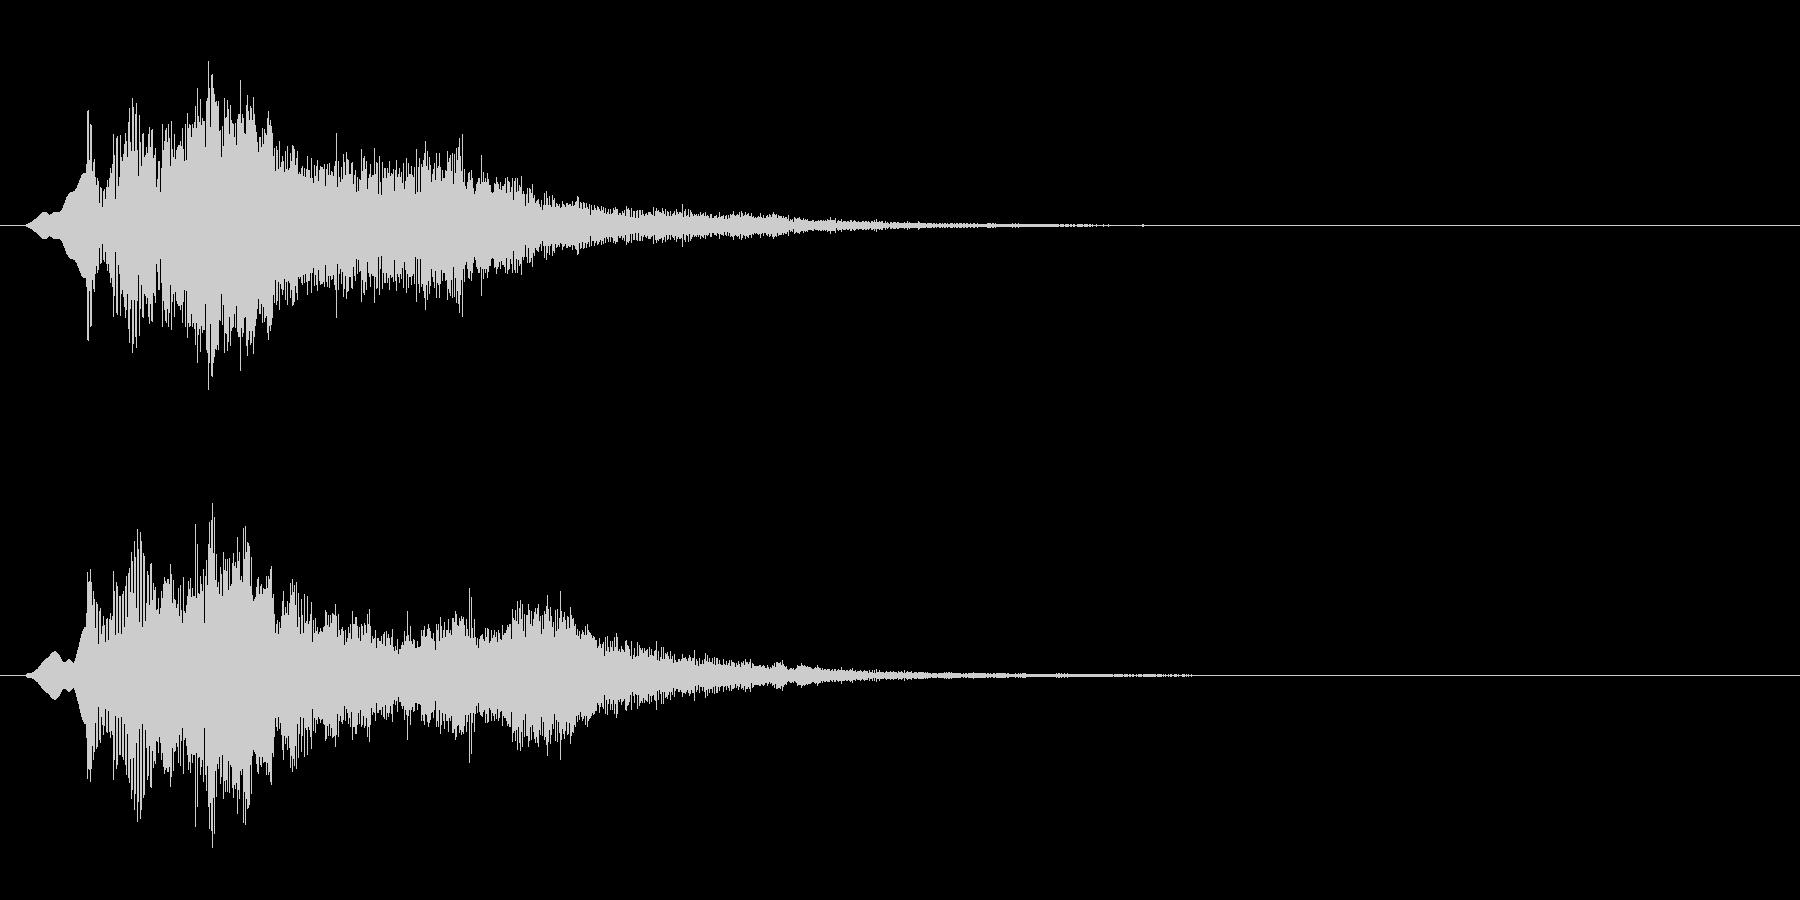 キラキラ(魔法のようなエフェクト音)の未再生の波形